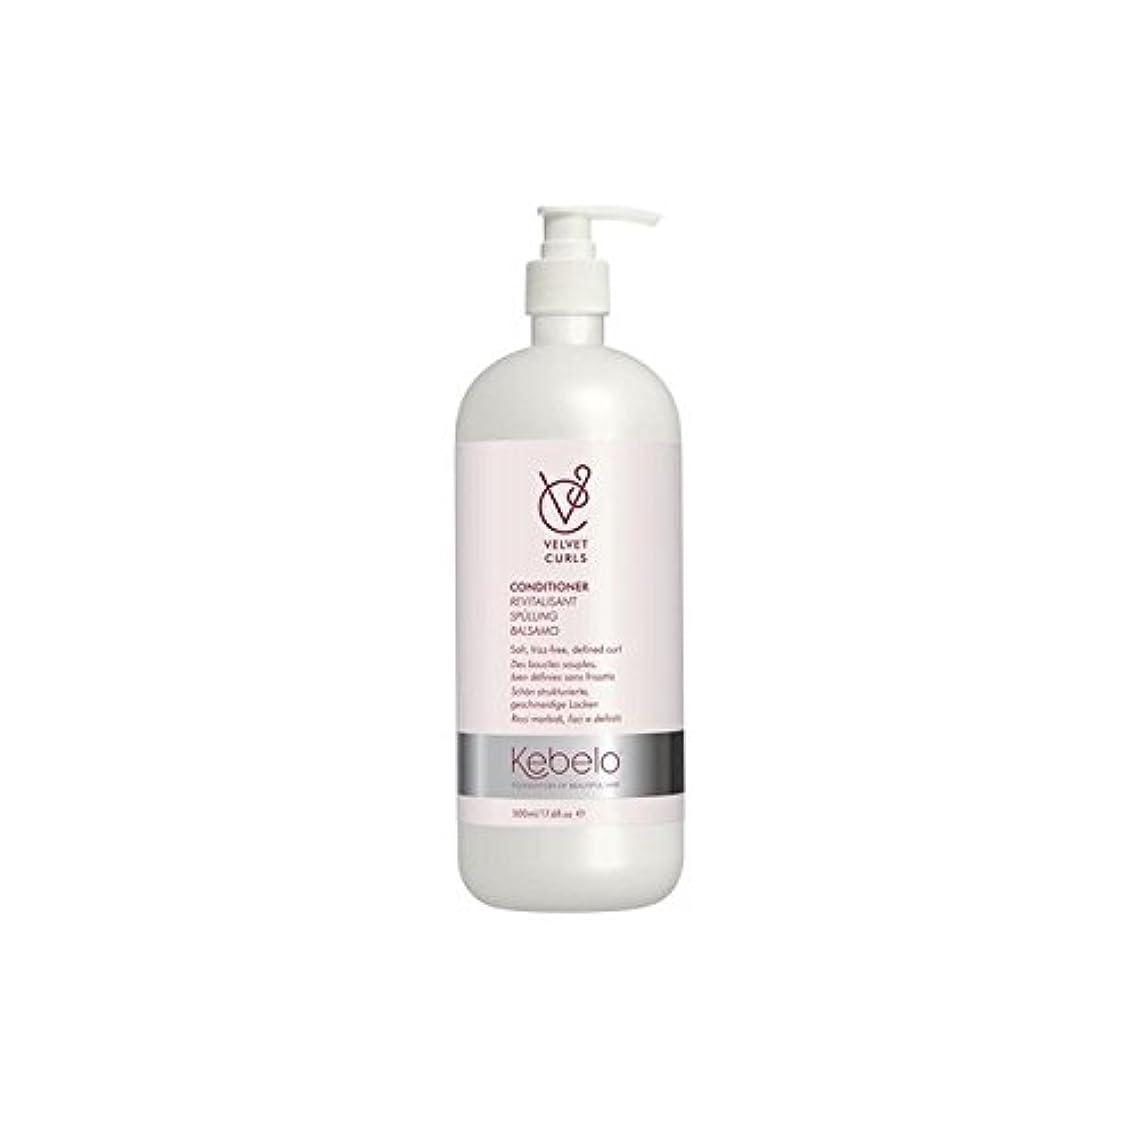 ミルククラス盟主Kebelo Velvet Curls Conditioner (500ml) - ベルベットのカールコンディショナー(500ミリリットル) [並行輸入品]